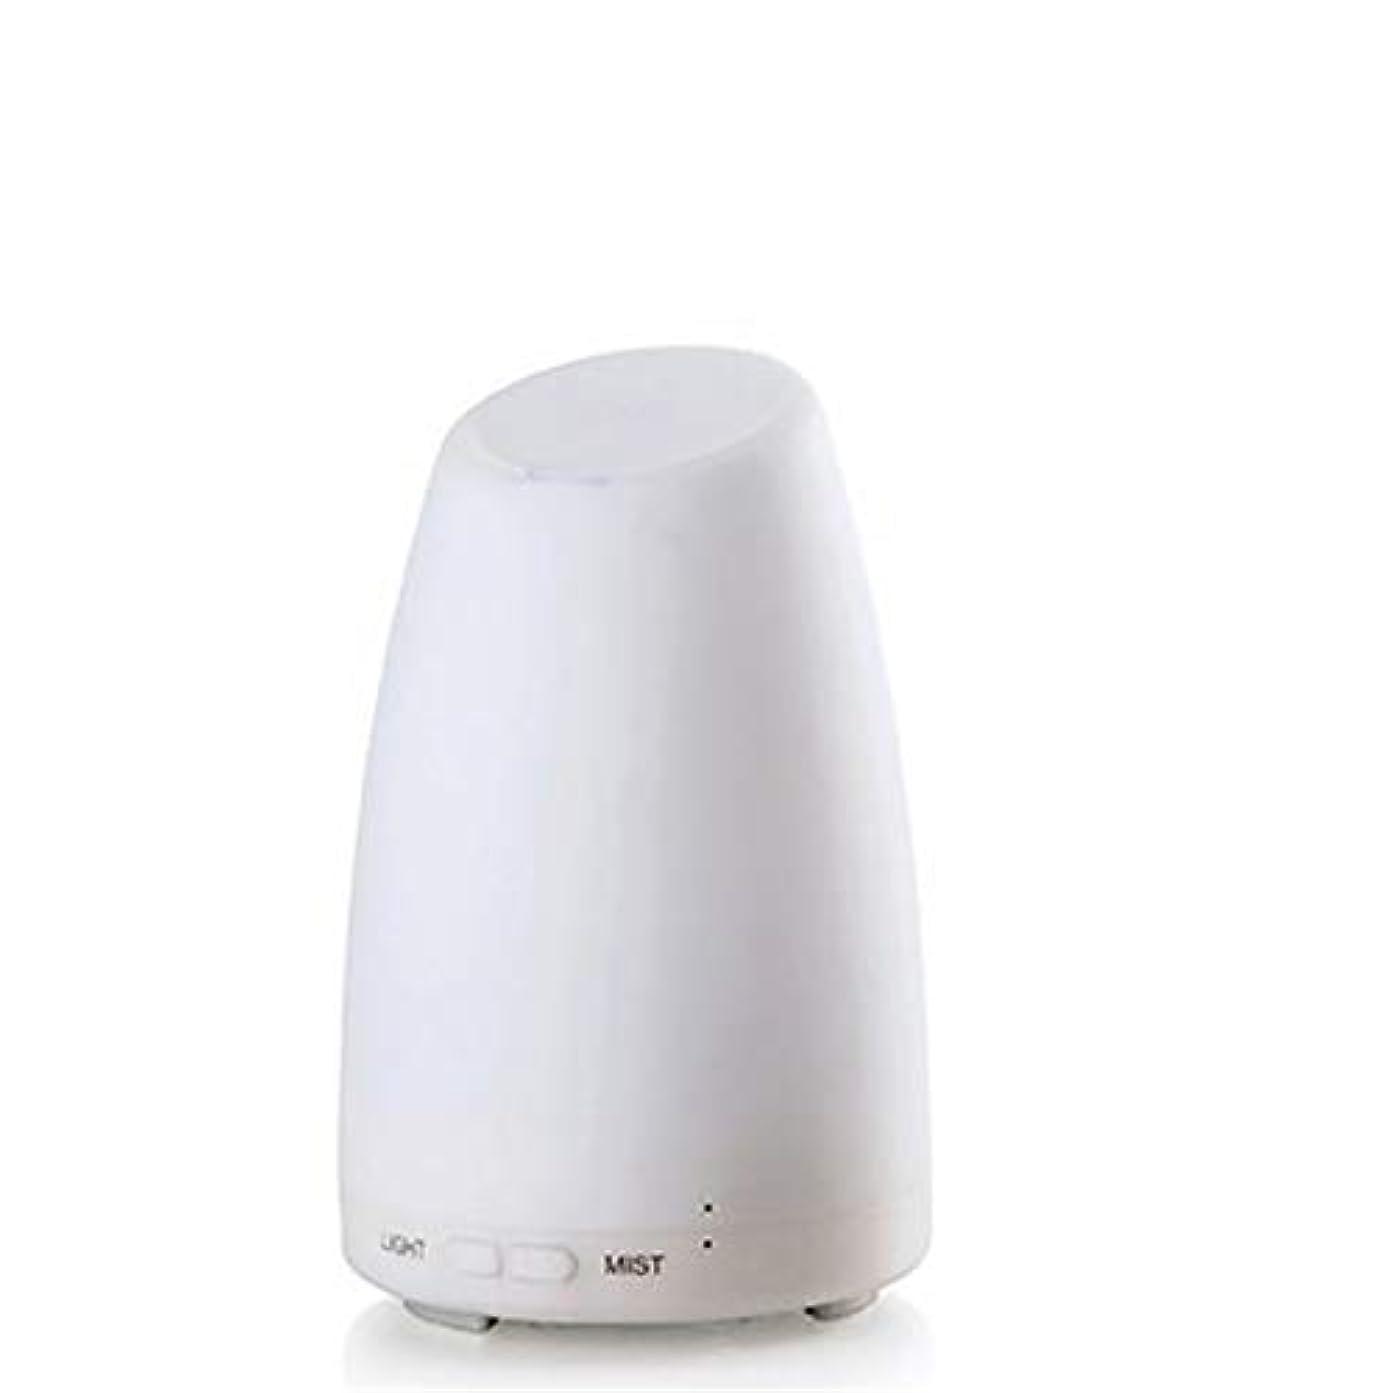 酔う反射素人エッセンシャルオイルディフューザー、霧コントロール4h 使用、低水自動シャットダウン、7種類の LED ライト、家庭、オフィス、寝室、家族のベビールームとの超音波 100 ml アロマディフューザー